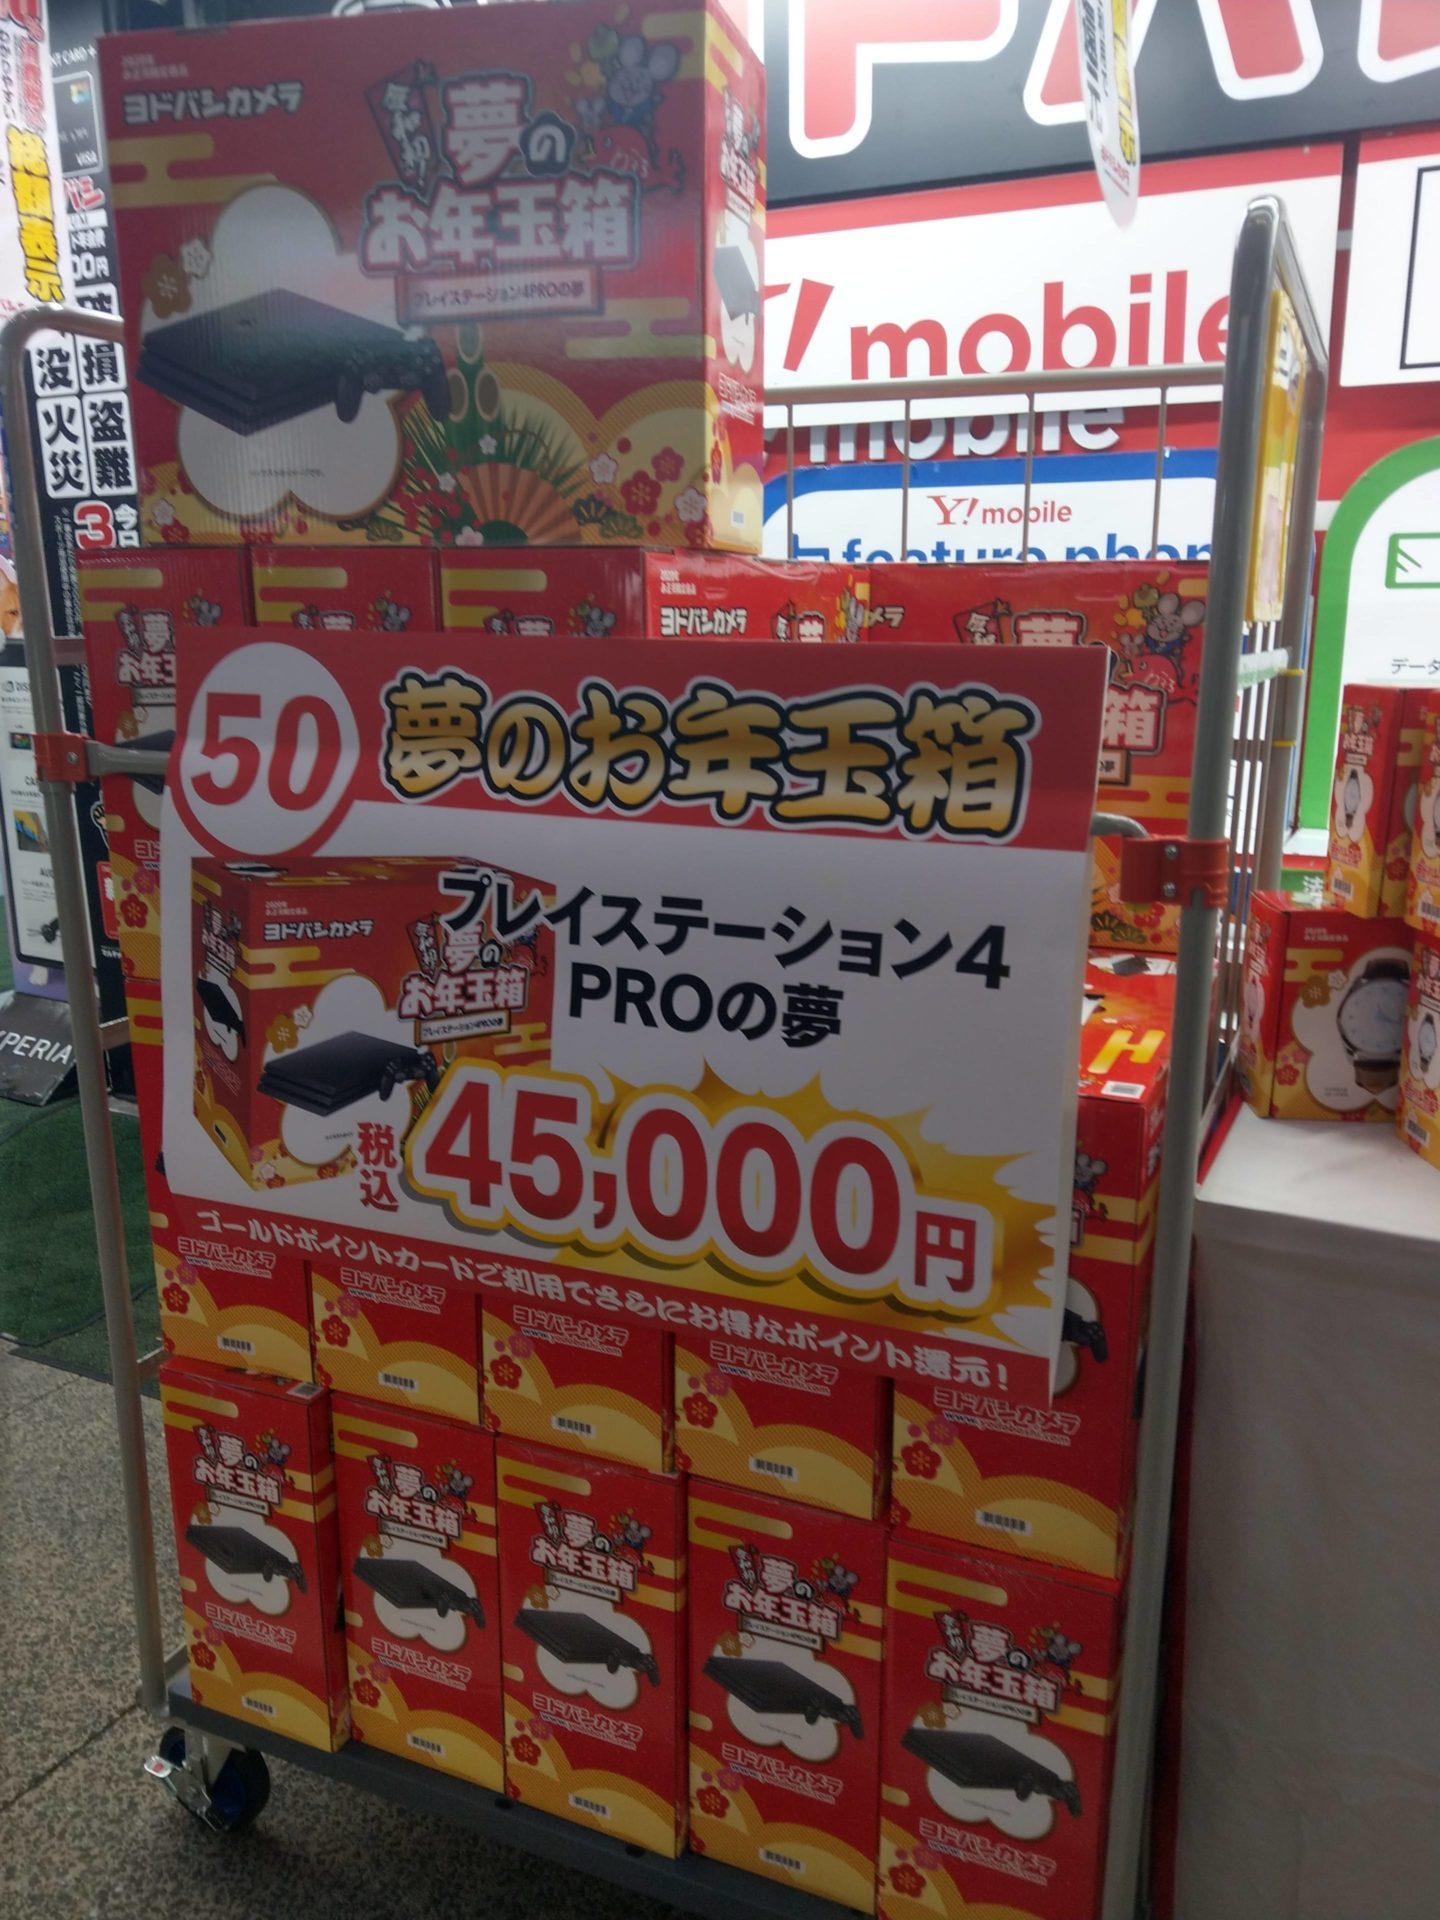 ヨドバシさん、必死に大声で『PS4Proお年玉箱』売っててワロタwww【在庫山積み】